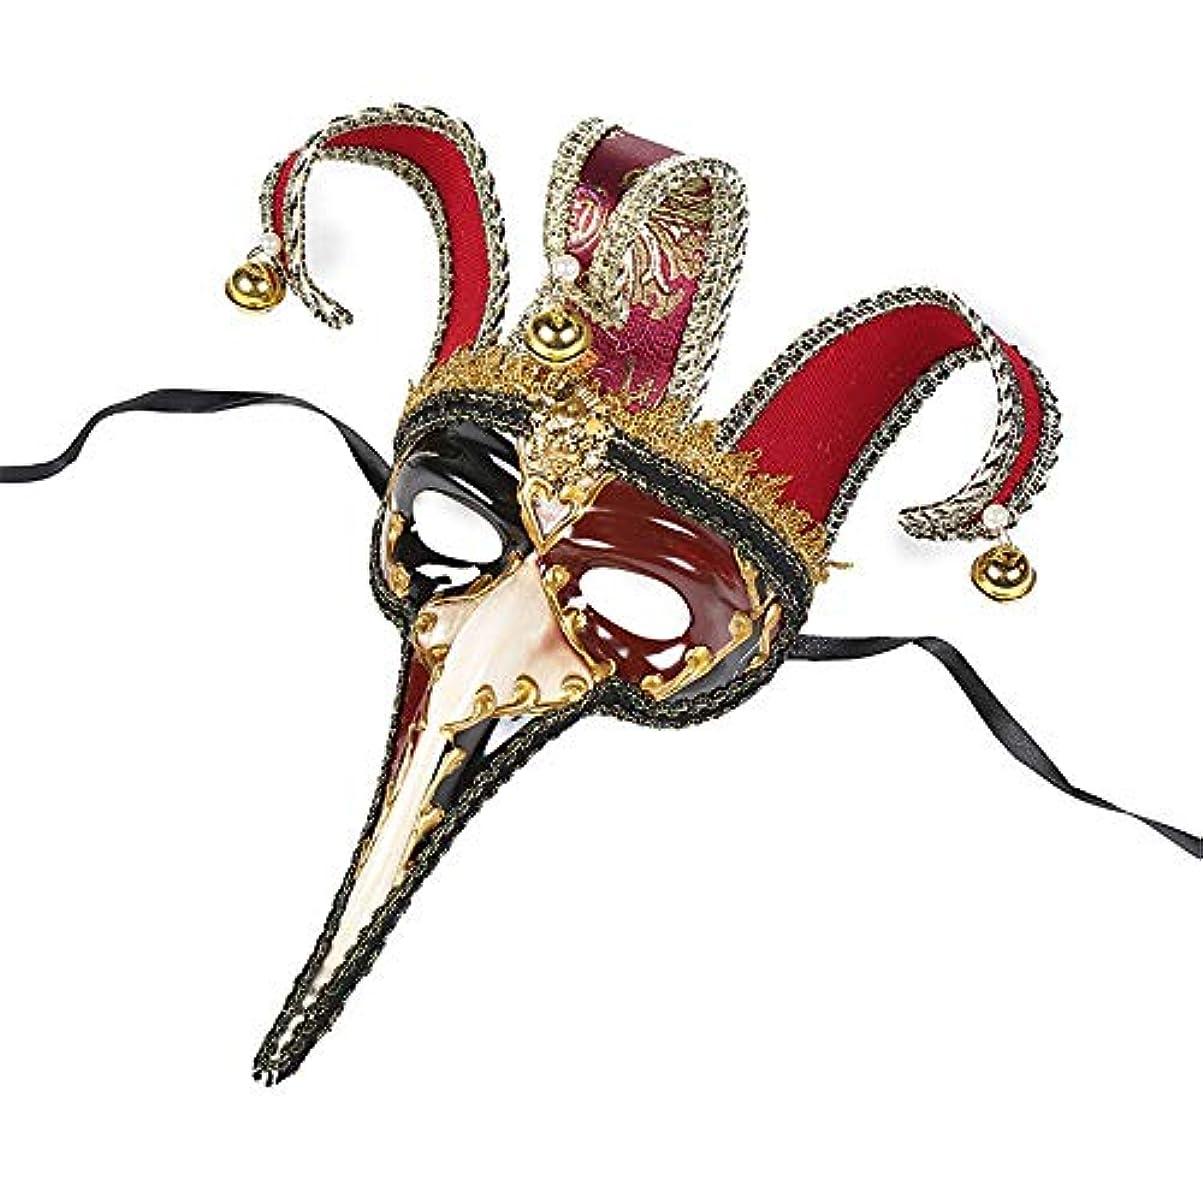 針それに応じて惑星ダンスマスク ハーフフェイス鼻フラミンゴハロウィーン仮装雰囲気クリスマスフェスティバルロールプレイングプラスチックマスク ホリデーパーティー用品 (色 : 赤, サイズ : 42x15cm)